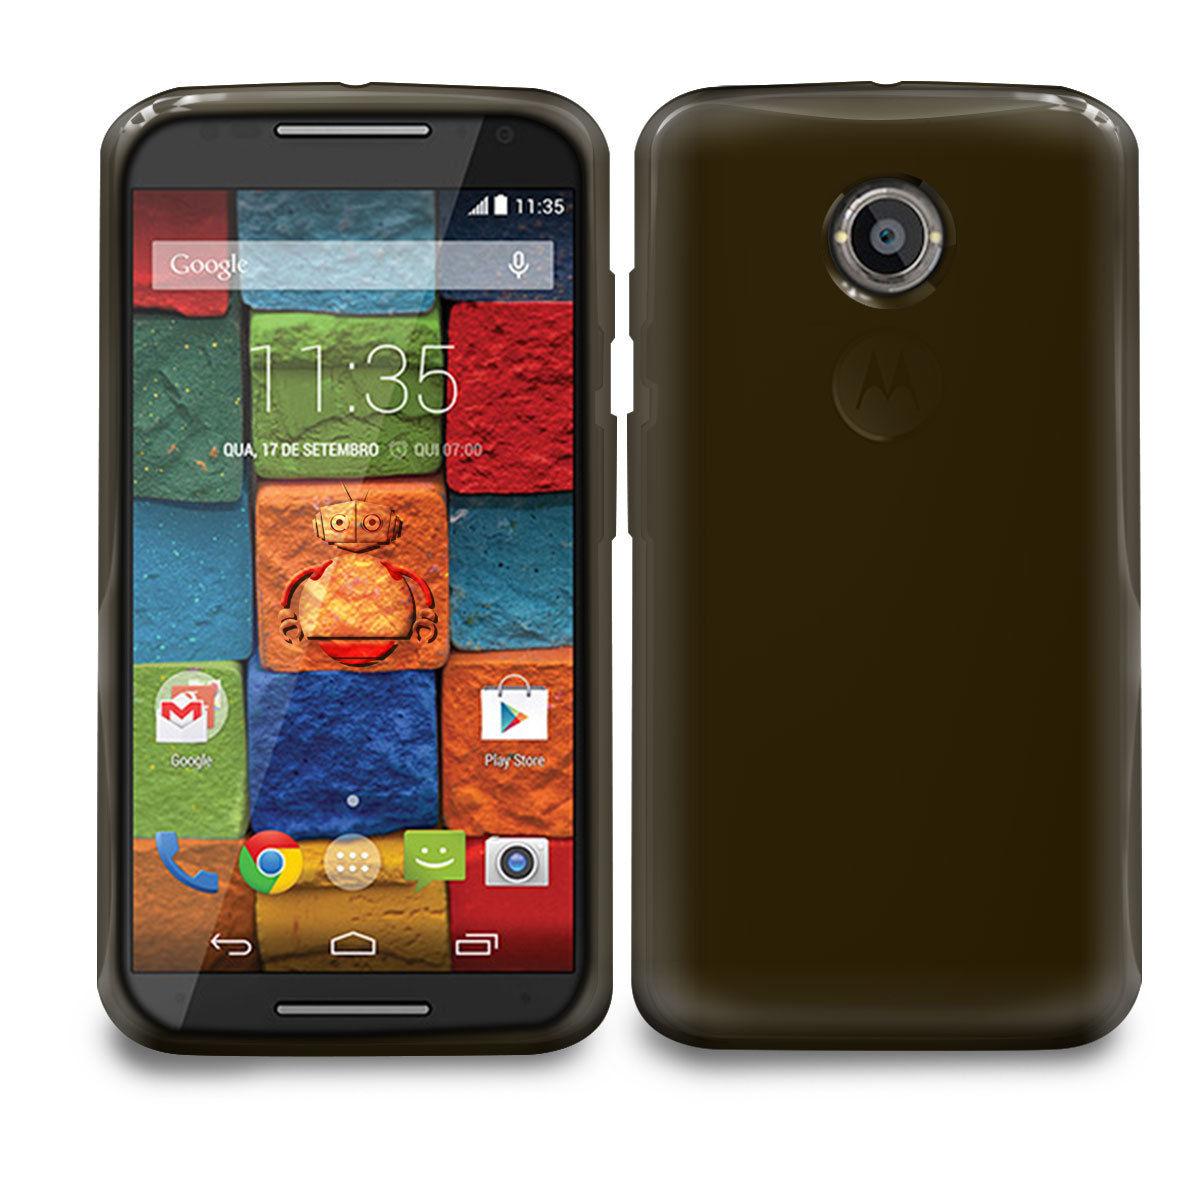 Pouzdro GEL pro Motorola Moto X černé